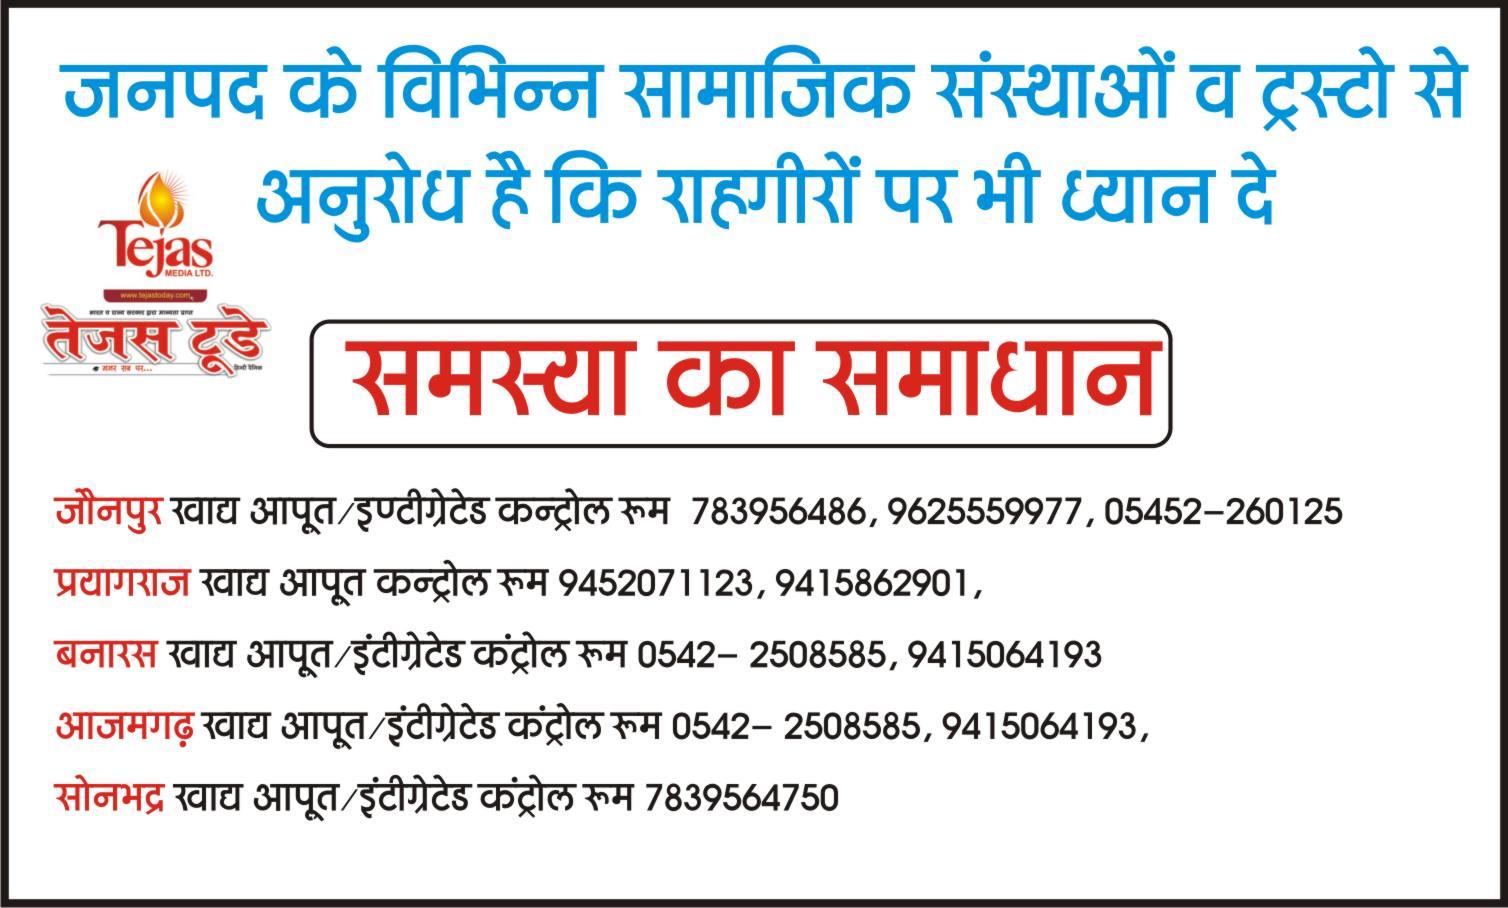 जौनपुर। जनपद न्यायाधीश मदन पाल सिंह ने बताया कि महानिबंधक उच्च न्यायालय इलाहाबाद द्वारा न्यायालय के जनहित याचिका संख्या 564/2020 इनरी बनाम उत्तर प्रदेश सरकार में न्यायालय द्वारा पारित आदेश के क्रम में इस न्यायिक अधिष्ठान के रजनेश कुमार अपर सत्र न्यायाधीश/विशेष न्यायाधीश पाक्सो एक्ट/रेप तृतीय जौनपुर को सत्र न्यायालयों से सम्बन्धित प्रकरण हेतु अधिकृत एवं निर्देशित किया जाता है तथा नियमित रिमाण्ड मजिस्ट्रेट को मजिस्ट्रेट न्यायालयों से सम्बन्धित प्रकरण हेतु अधिकृत एवं निर्देशित किया जाता है।